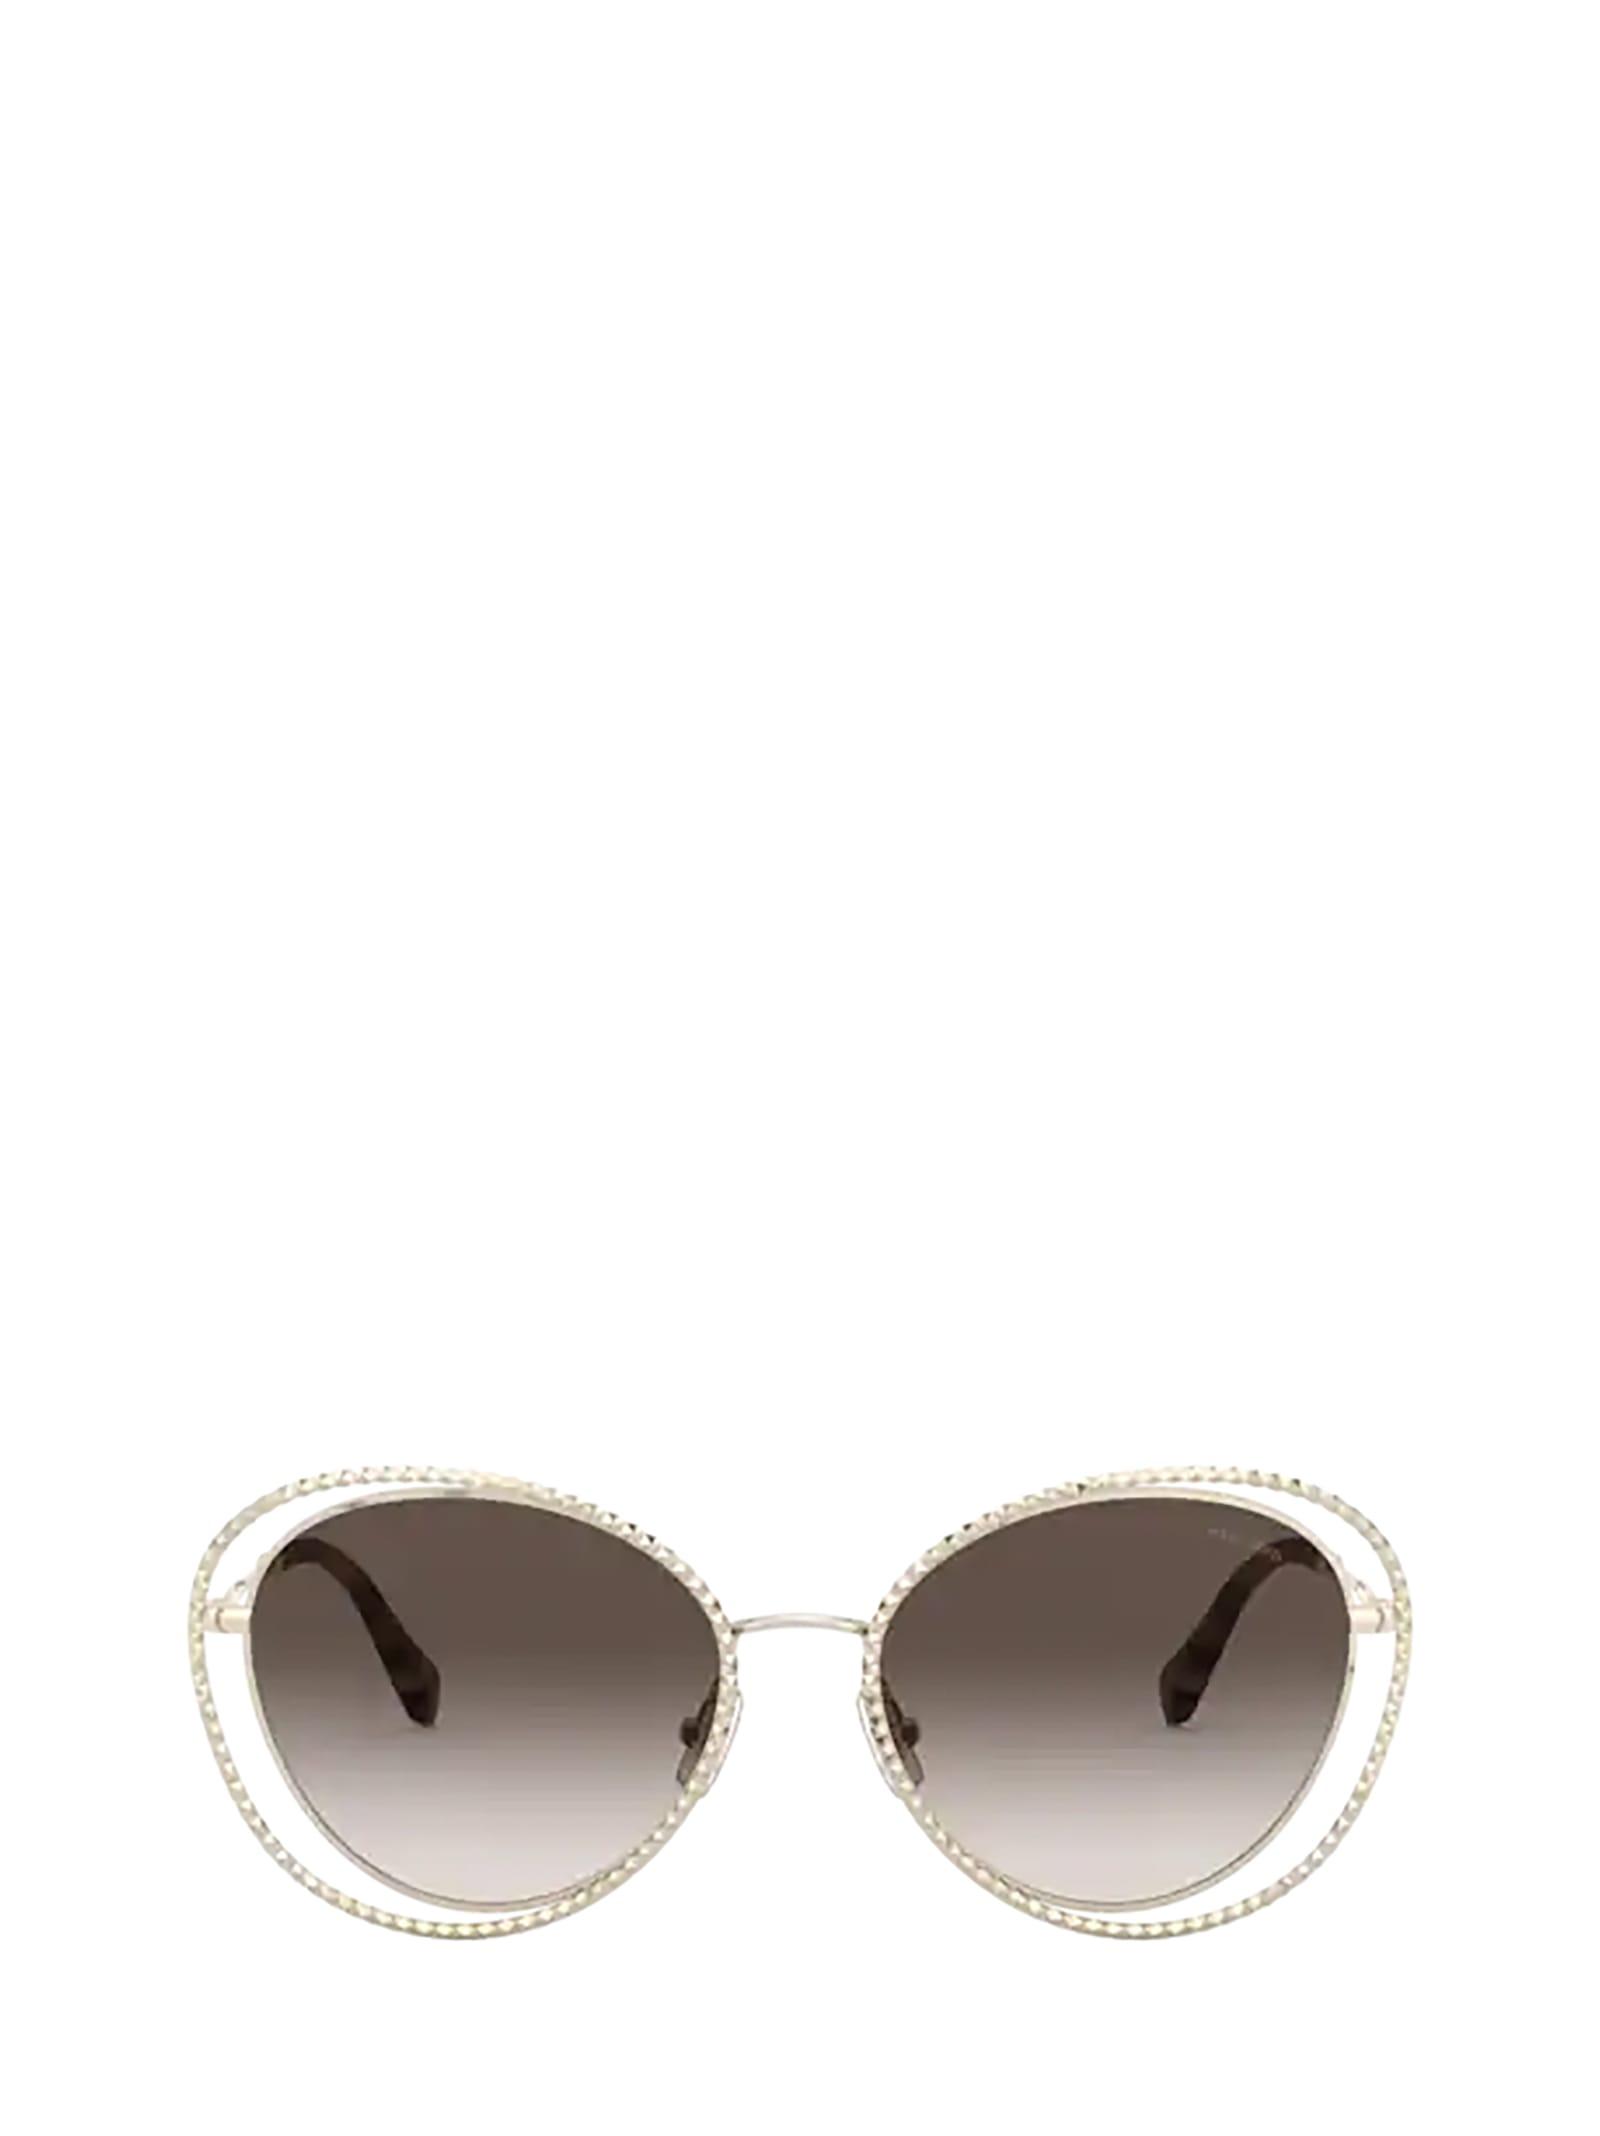 Miu Miu Miu Miu Mu 59vs Pale Gold Sunglasses